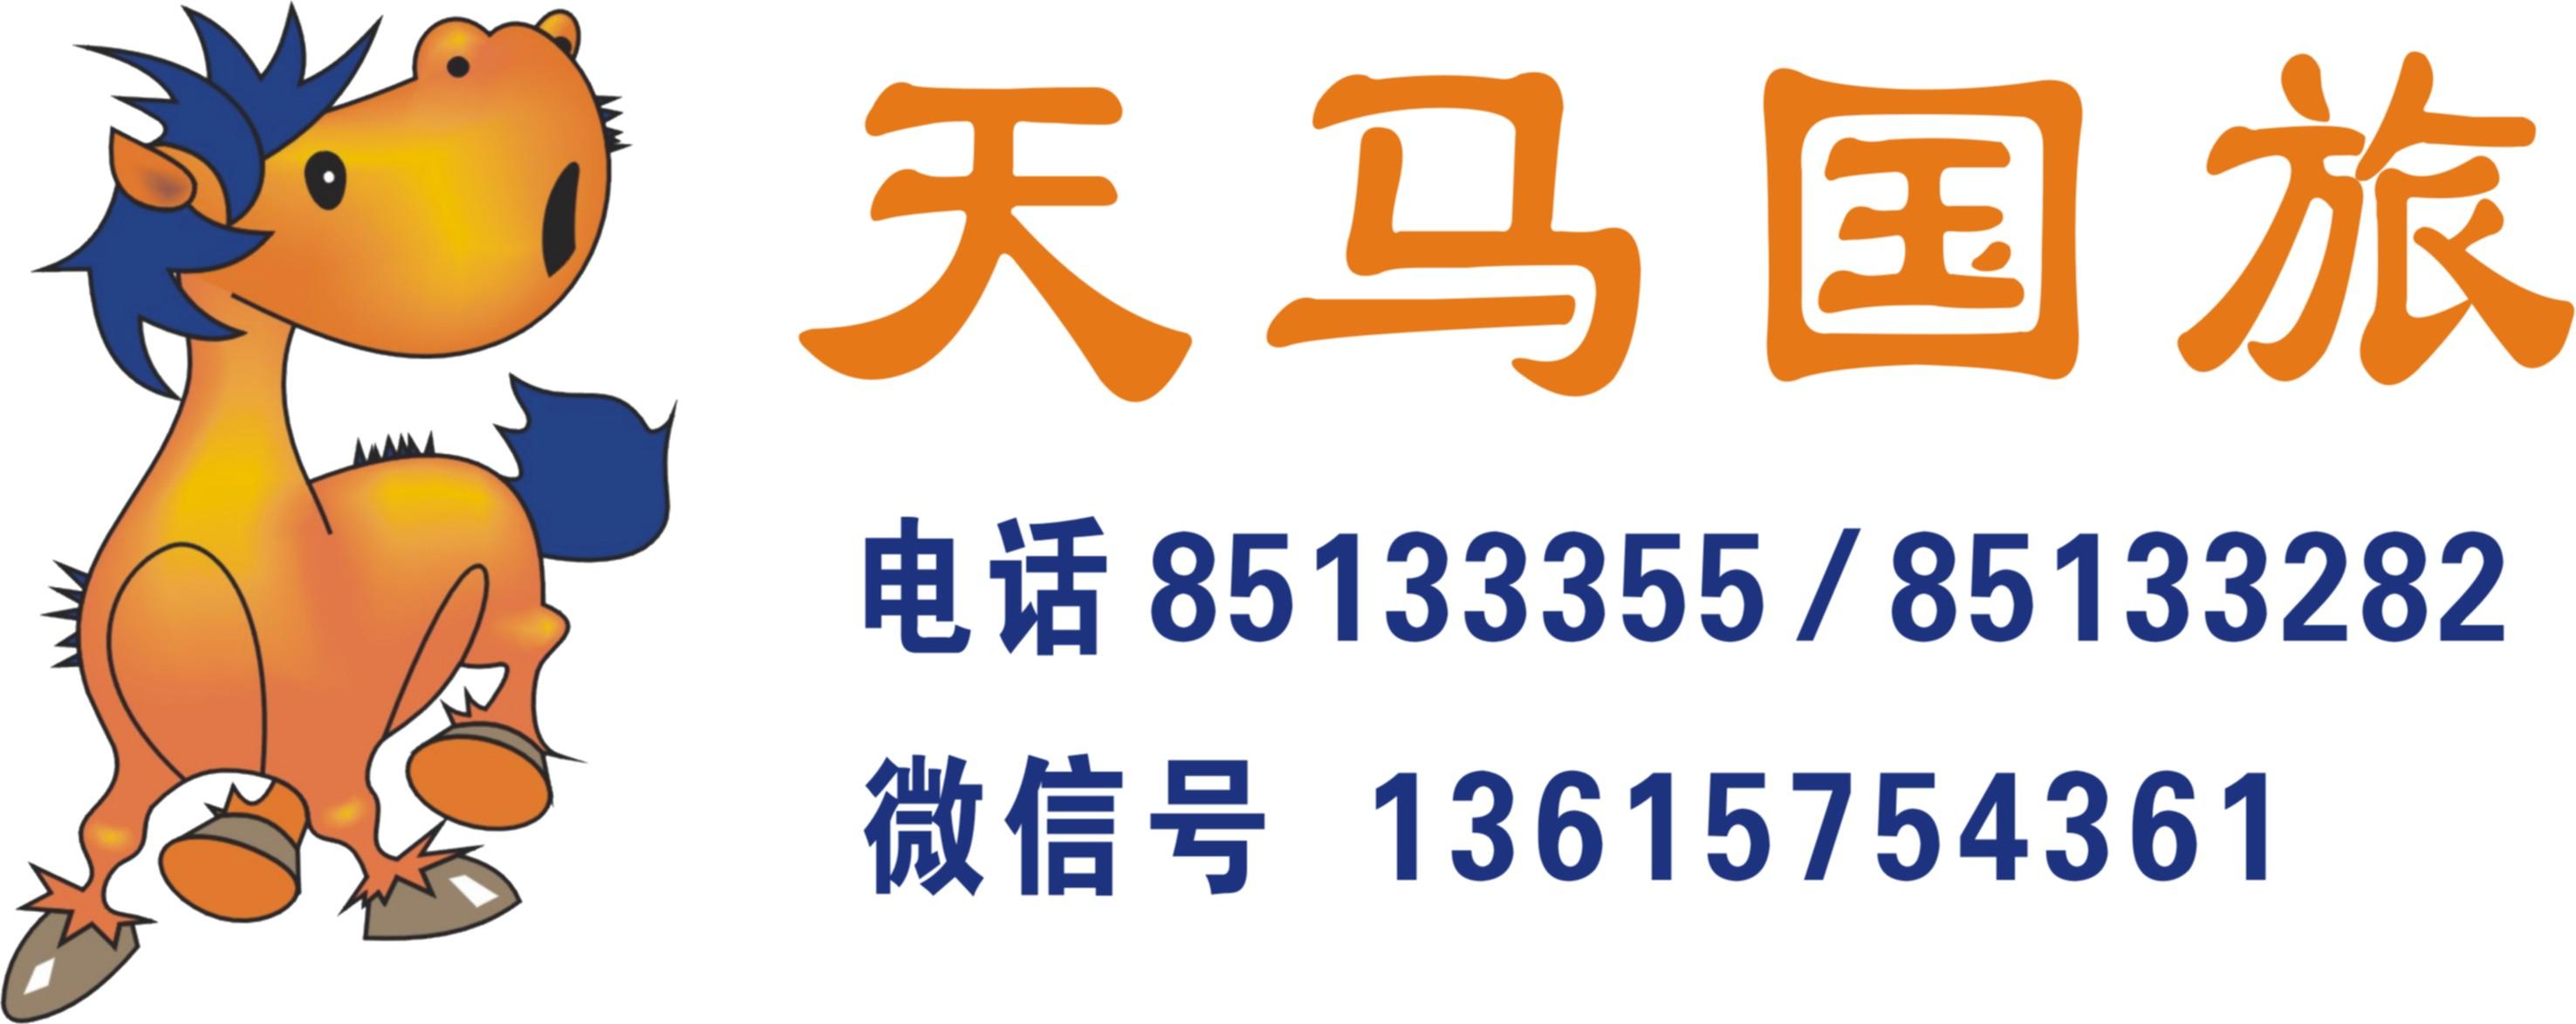 5.24/28【普陀山祈福特价二日】不含小门票